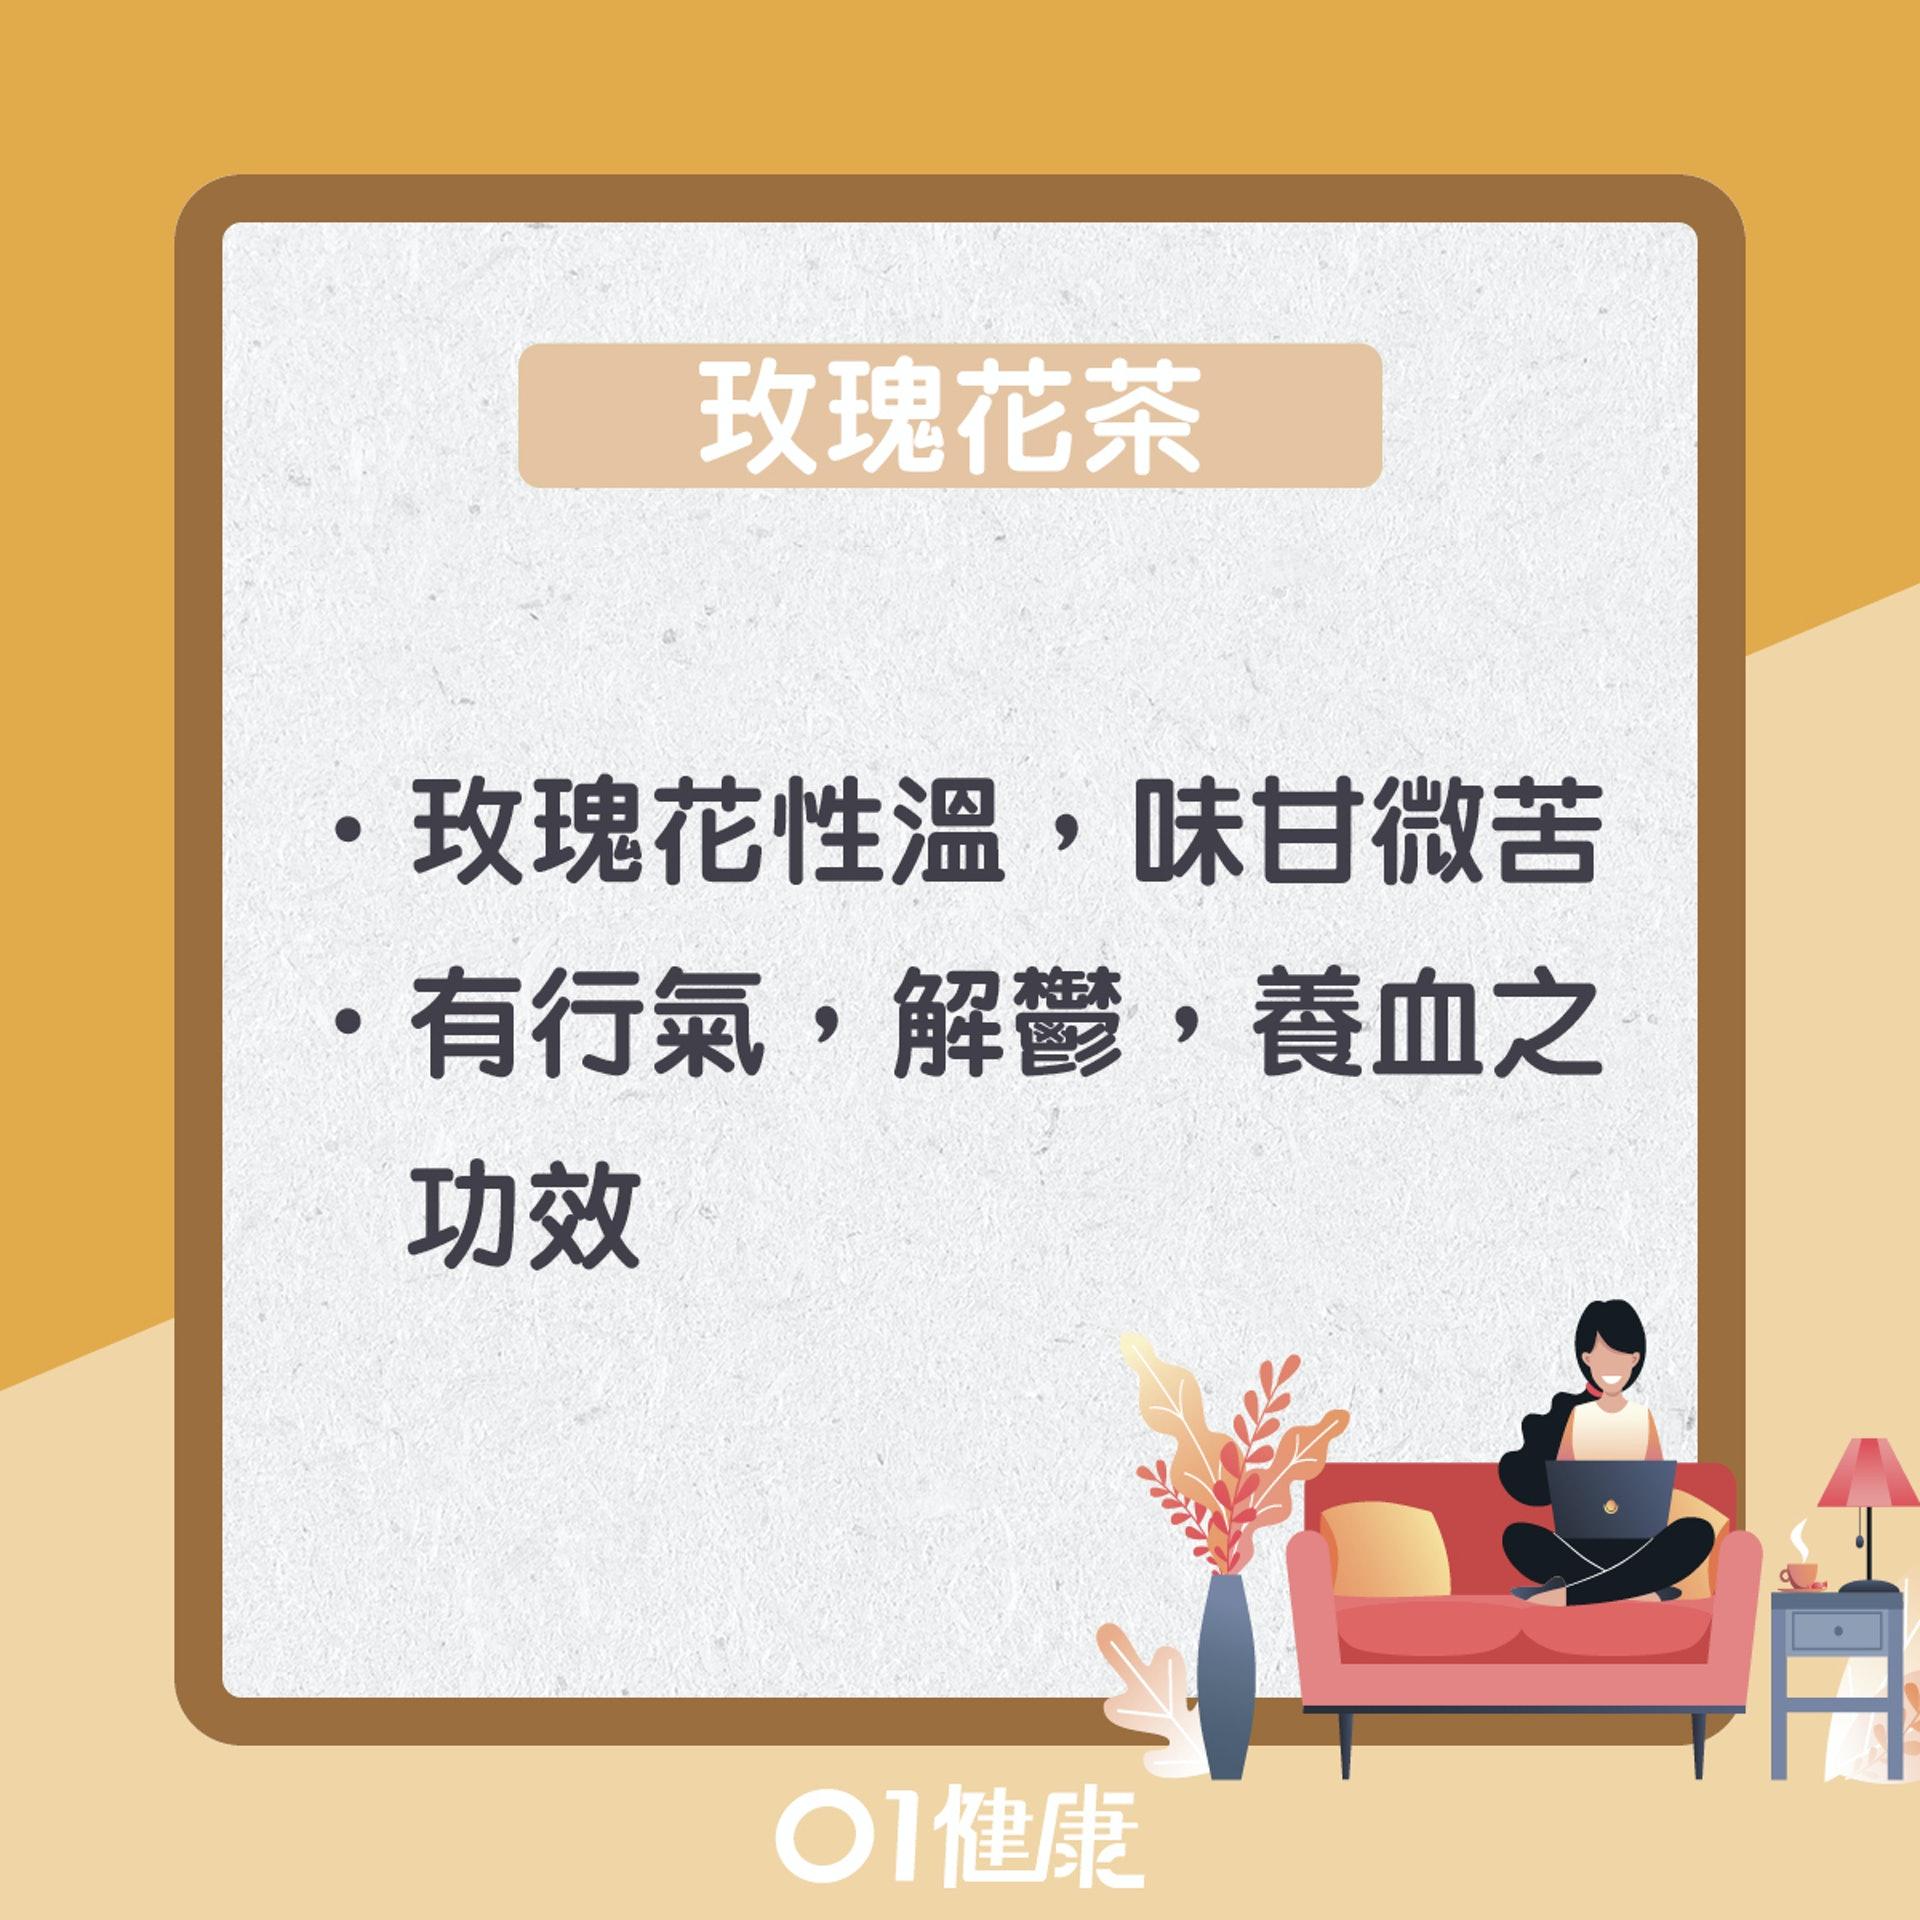 飲玫瑰花茶及運動解鬱(01製圖)